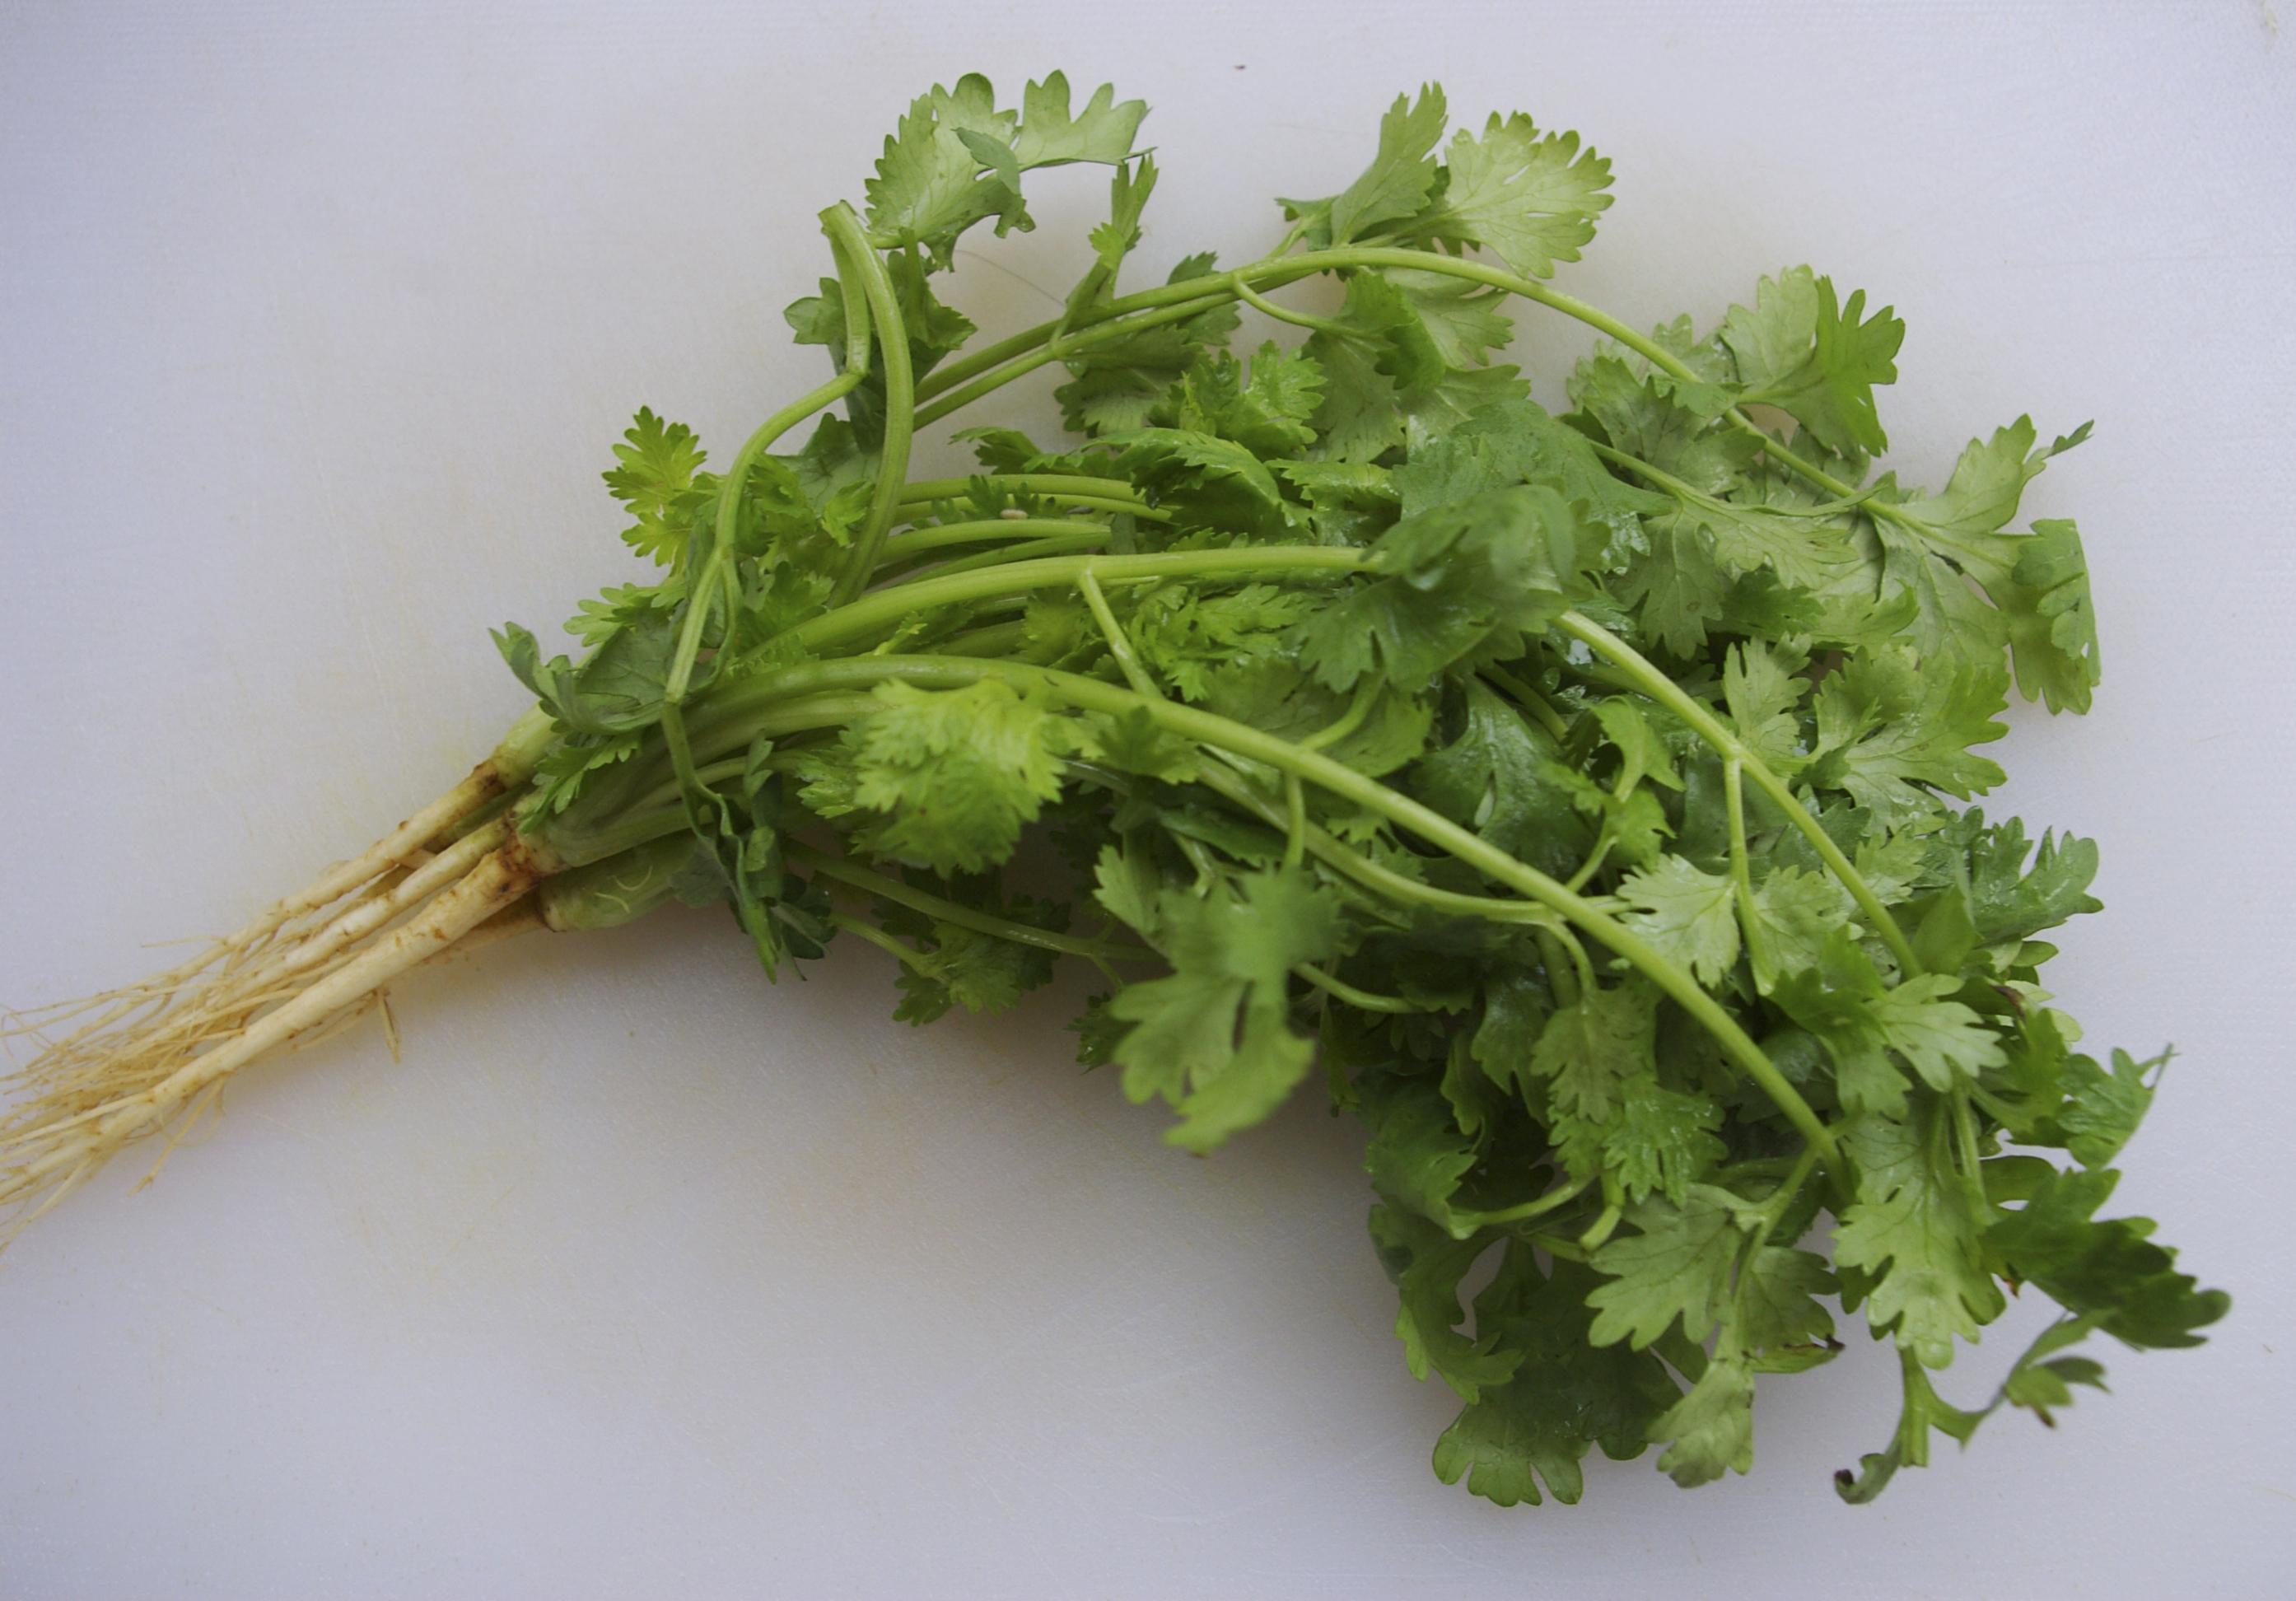 daun sup atau ketumbar